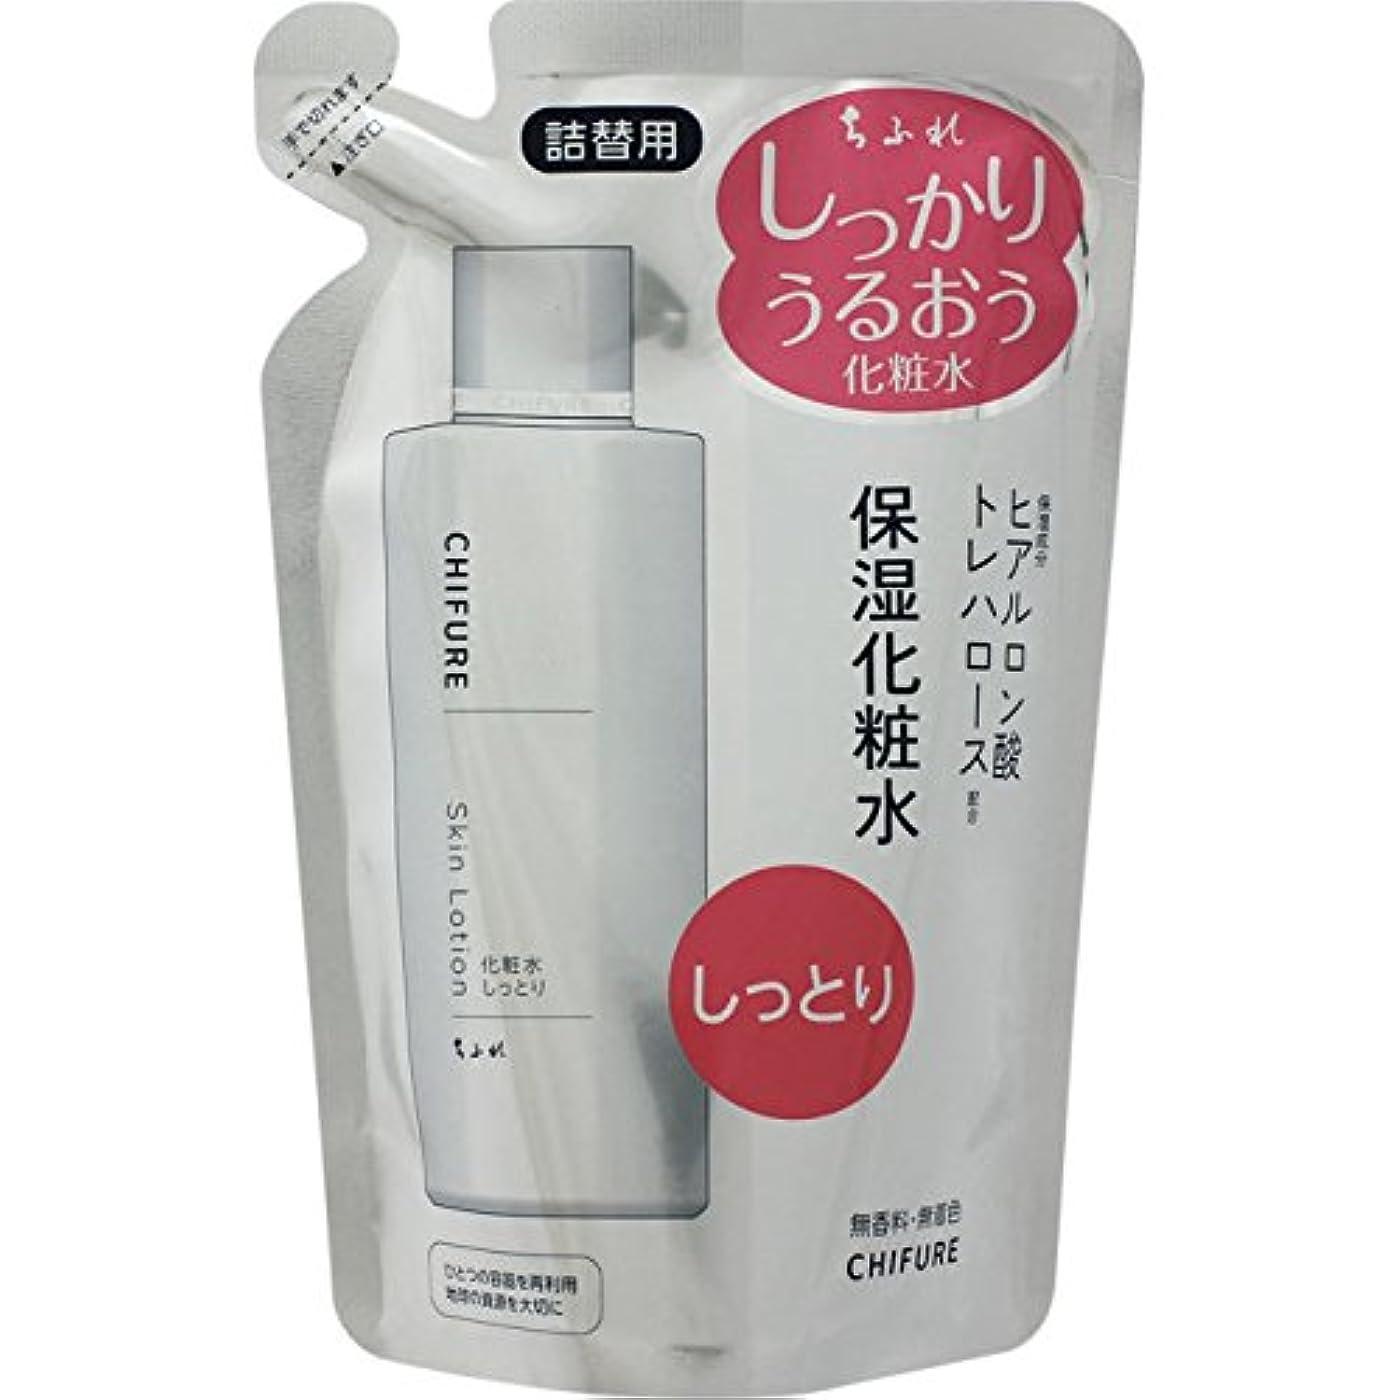 気になる曖昧なバーストちふれ化粧品 化粧水 しっとりタイプ N 詰替え用 150ml 150ML